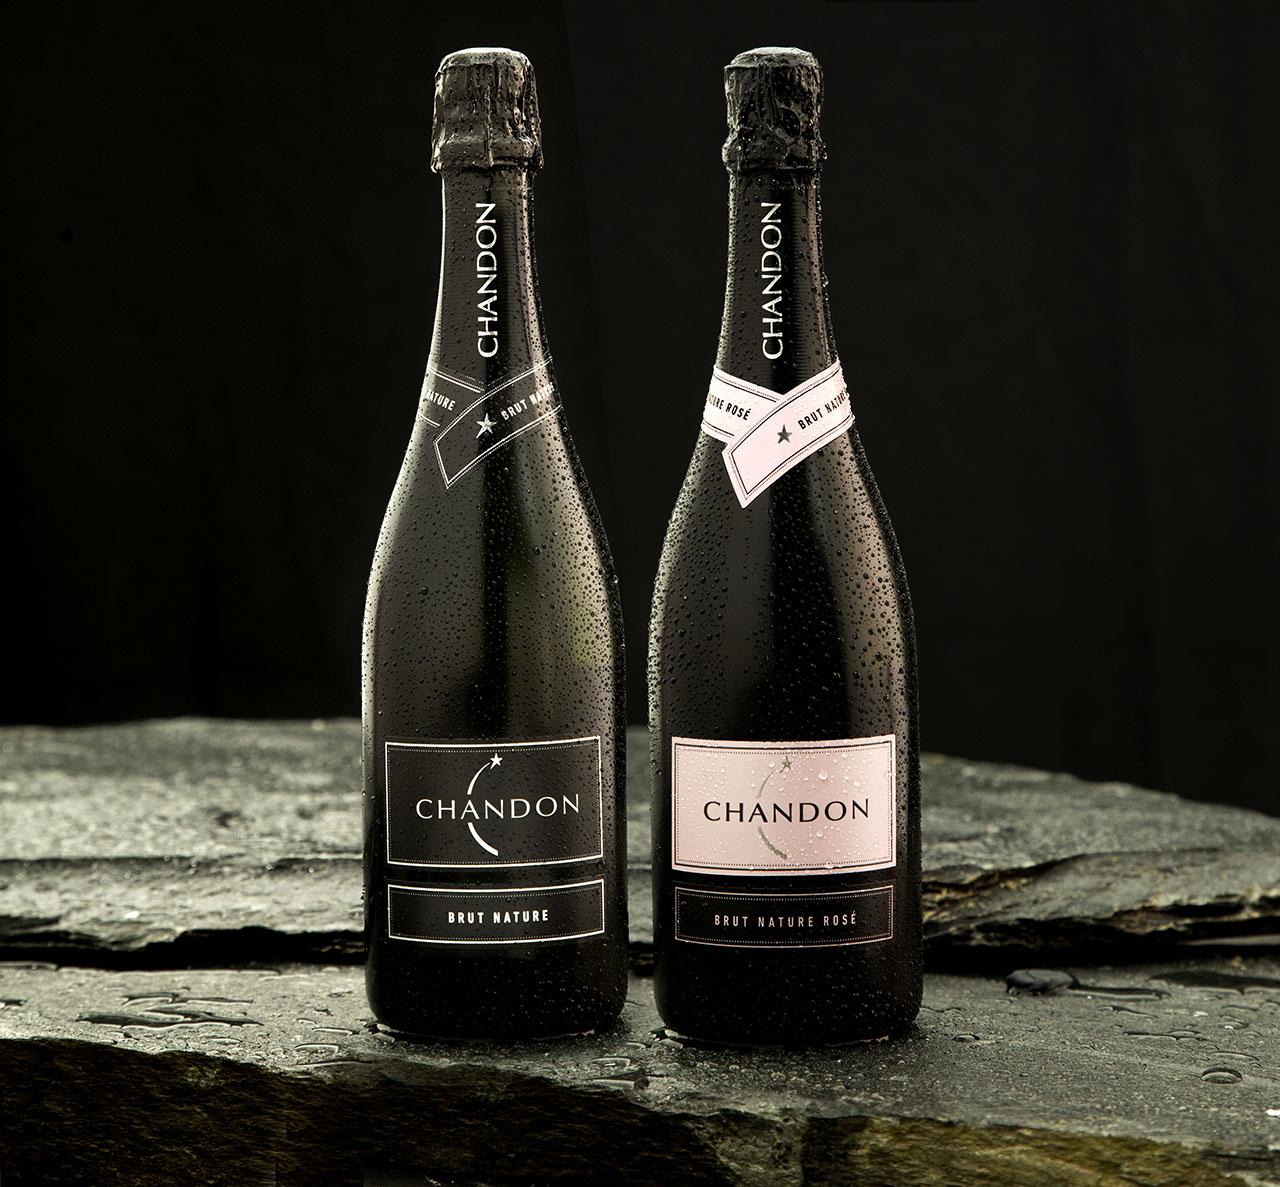 Chandon Champagne & Sparkling Wine World